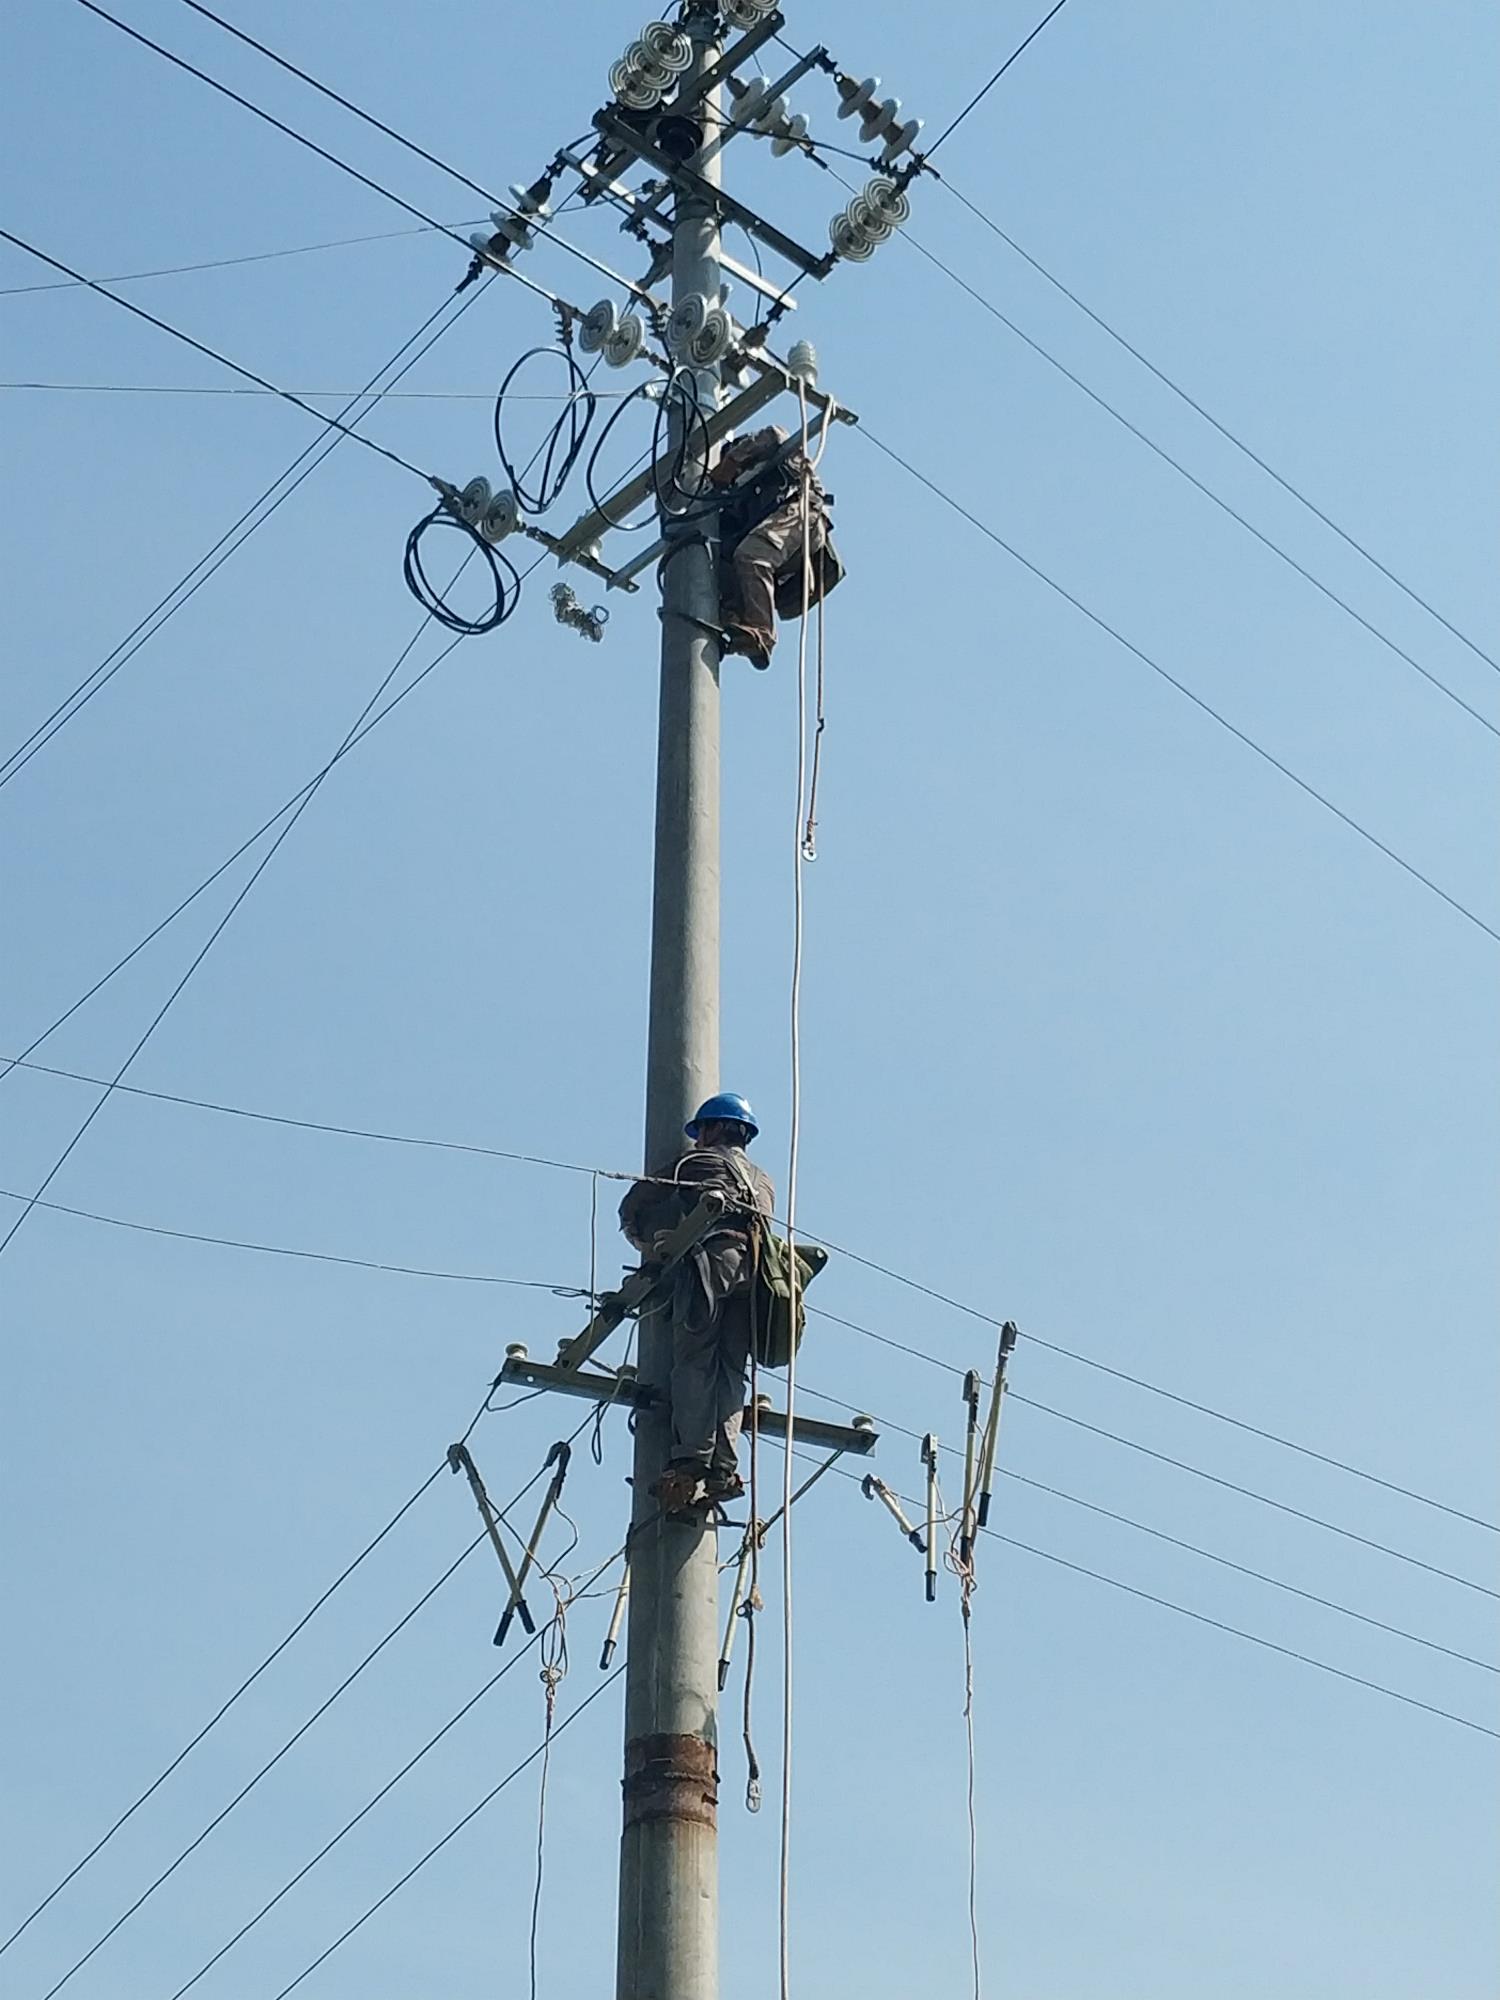 湖南银和瓷业有限公司送电作业现场---变压器通电(2)